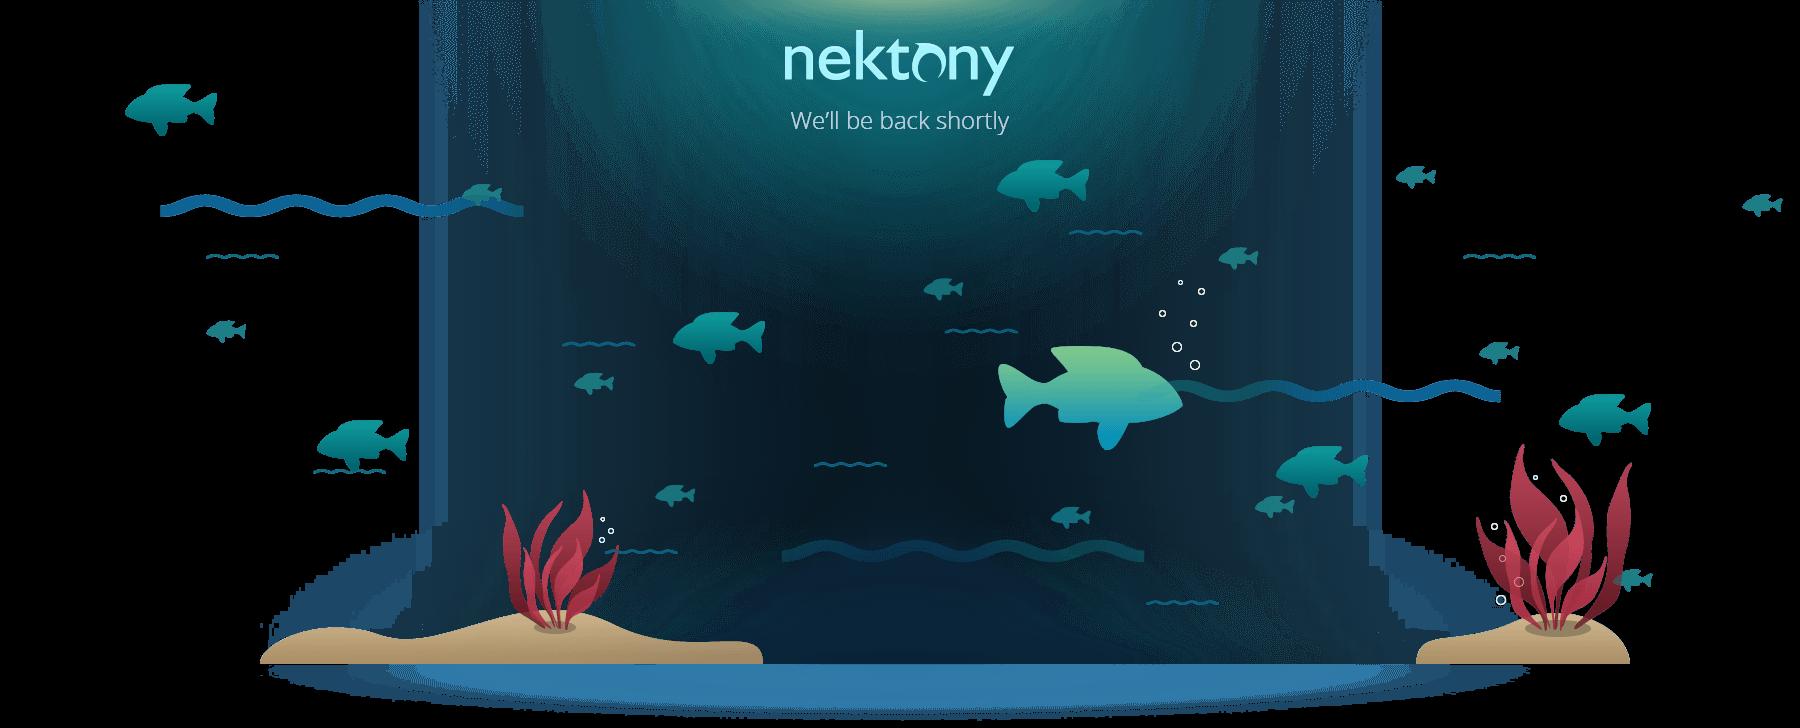 maintenance-nektony